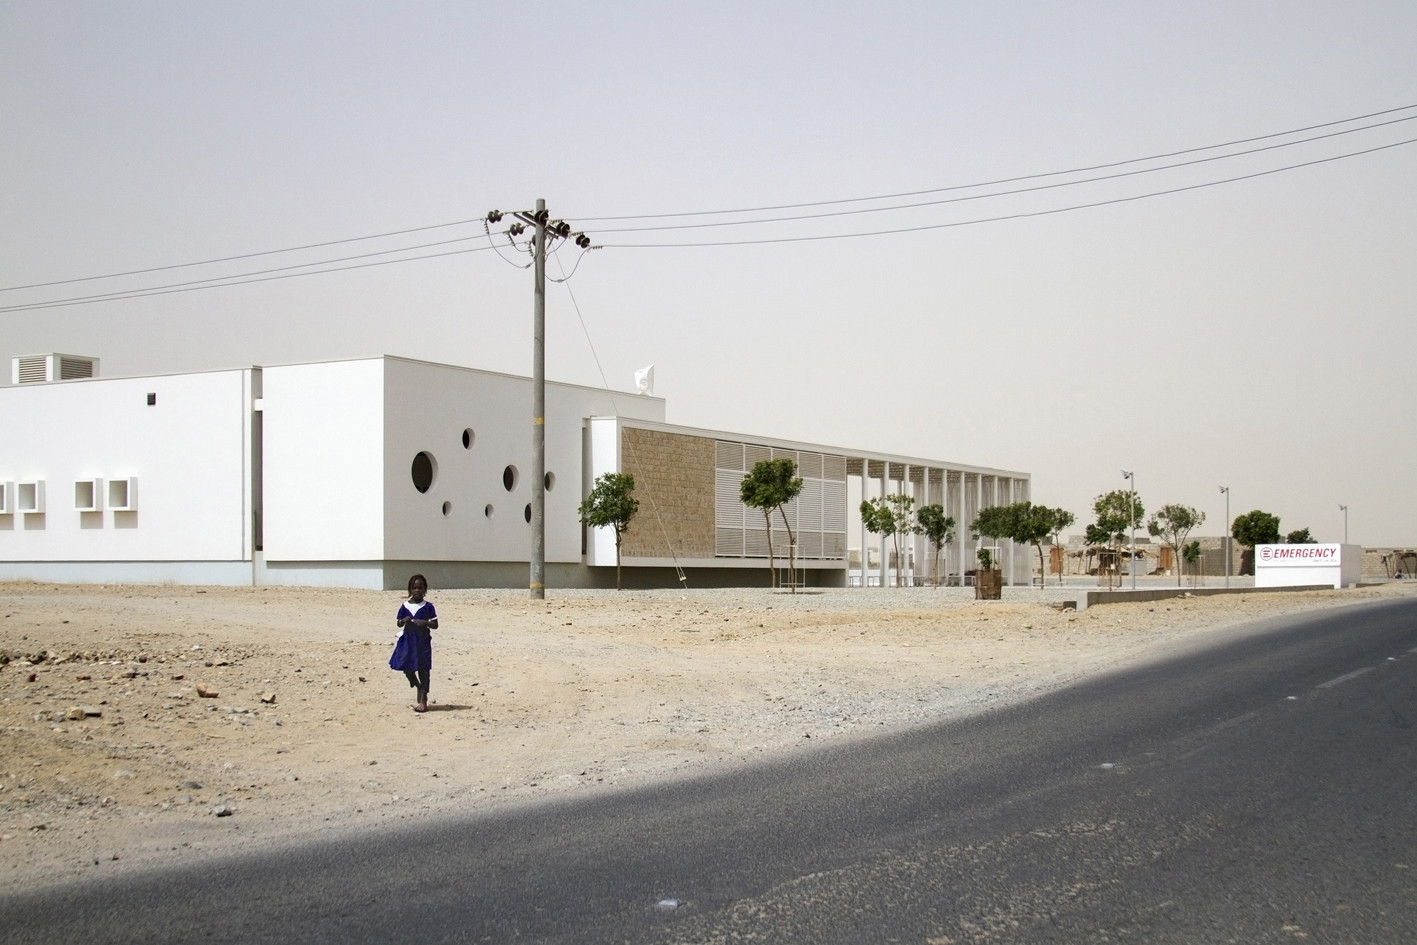 Port sudan: © Courtesy of Massimo Grimaldi and Emergency ngo